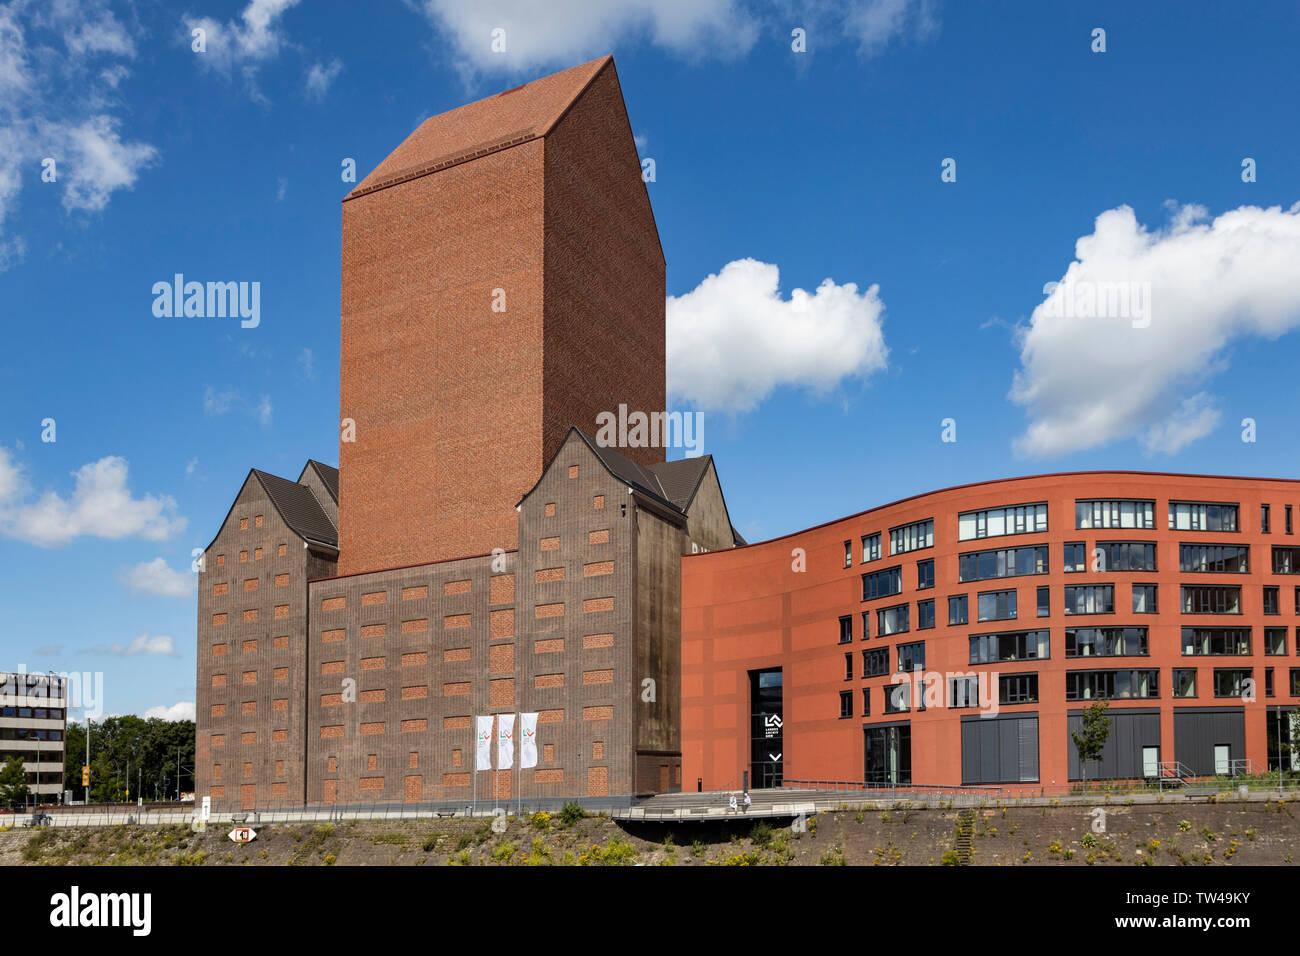 NRW State Archive, Landesarchiv Nordrhein-Westfalen, Innenhafen, Duisburg, Ruhr Area, North Rhine-Westphalia, Germany, Europe Stock Photo